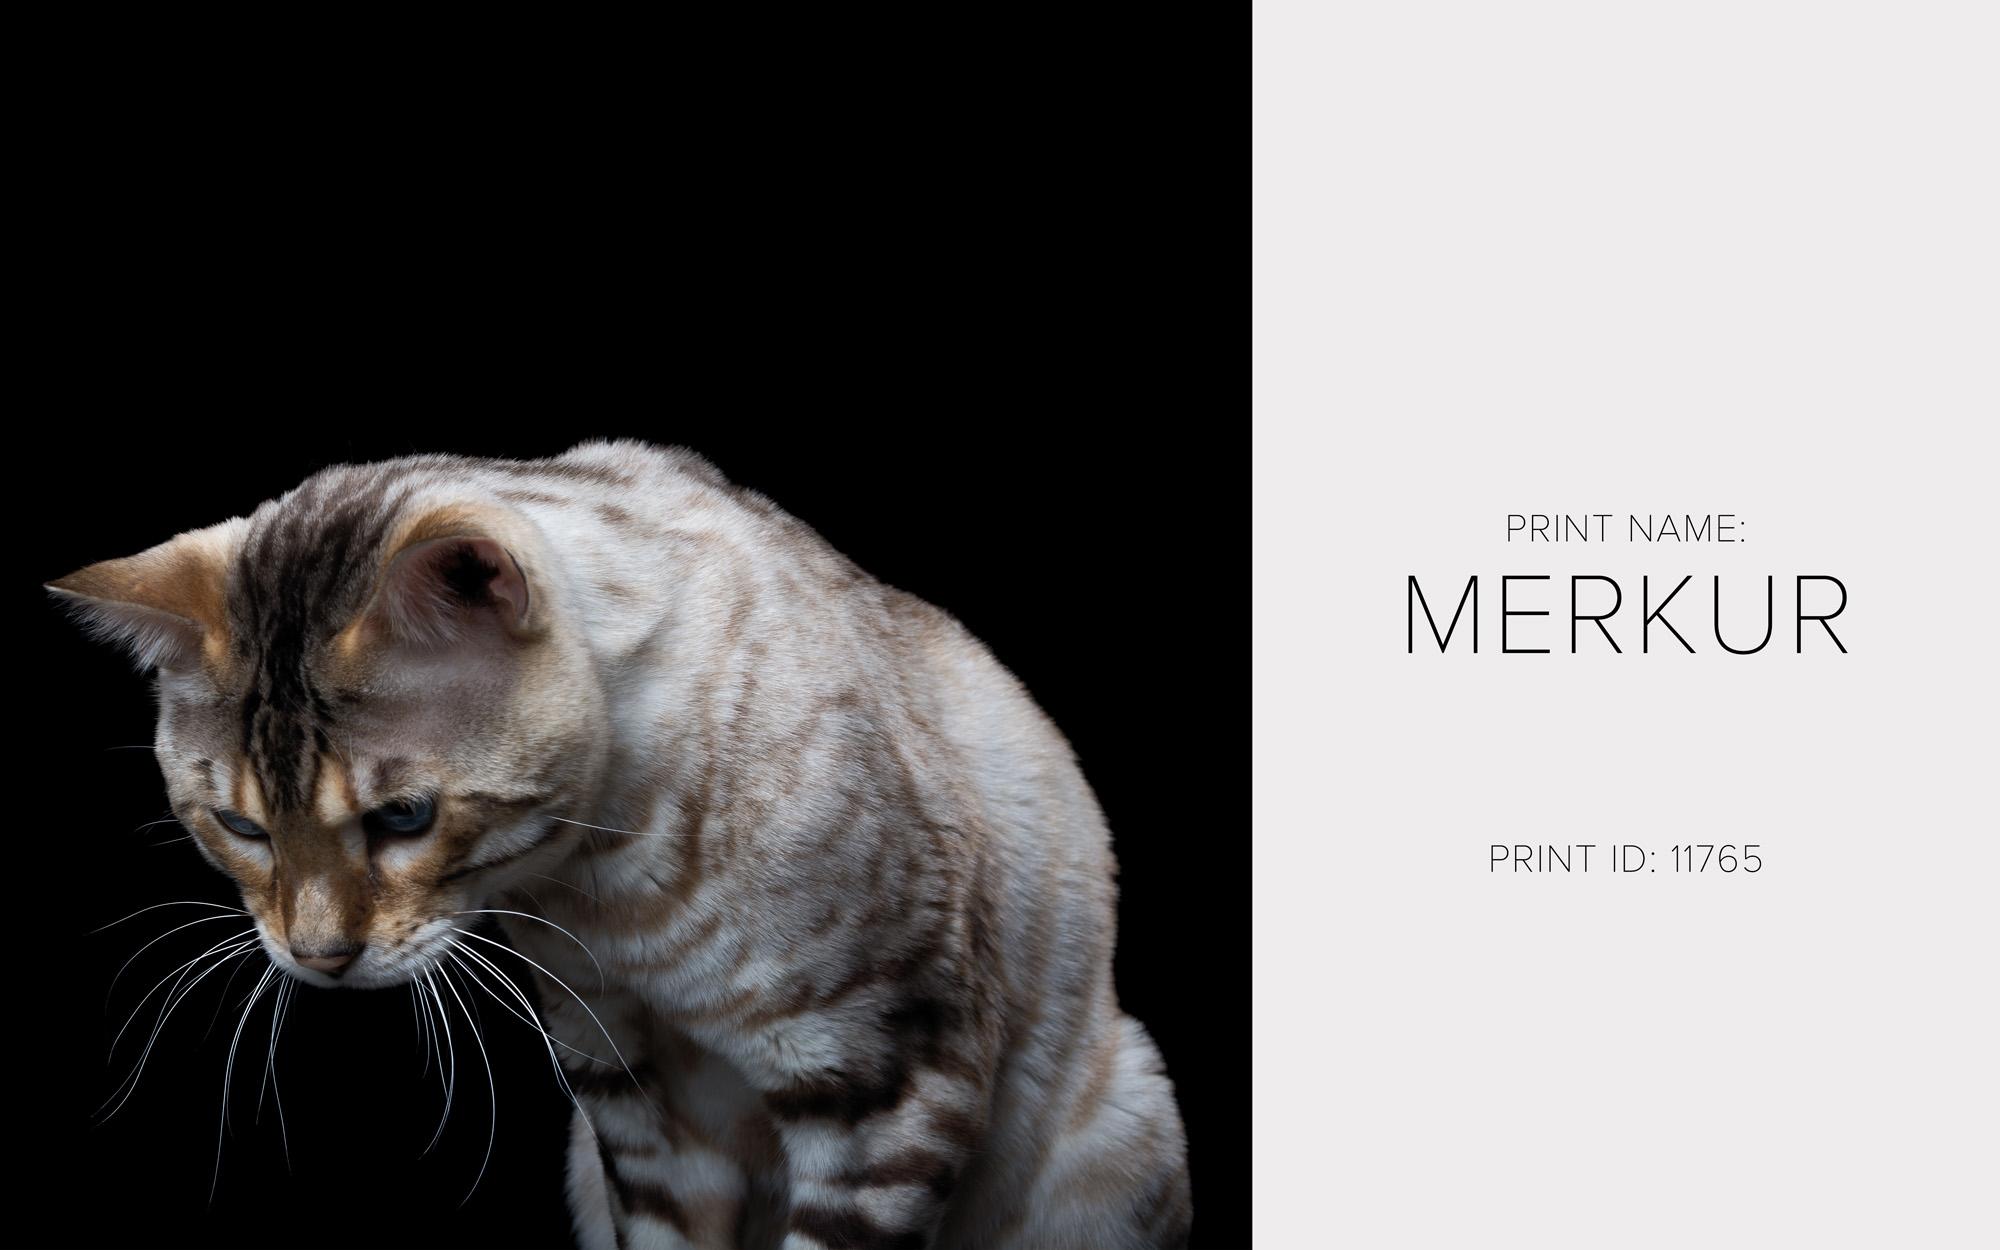 Merkur_Thumb.jpg